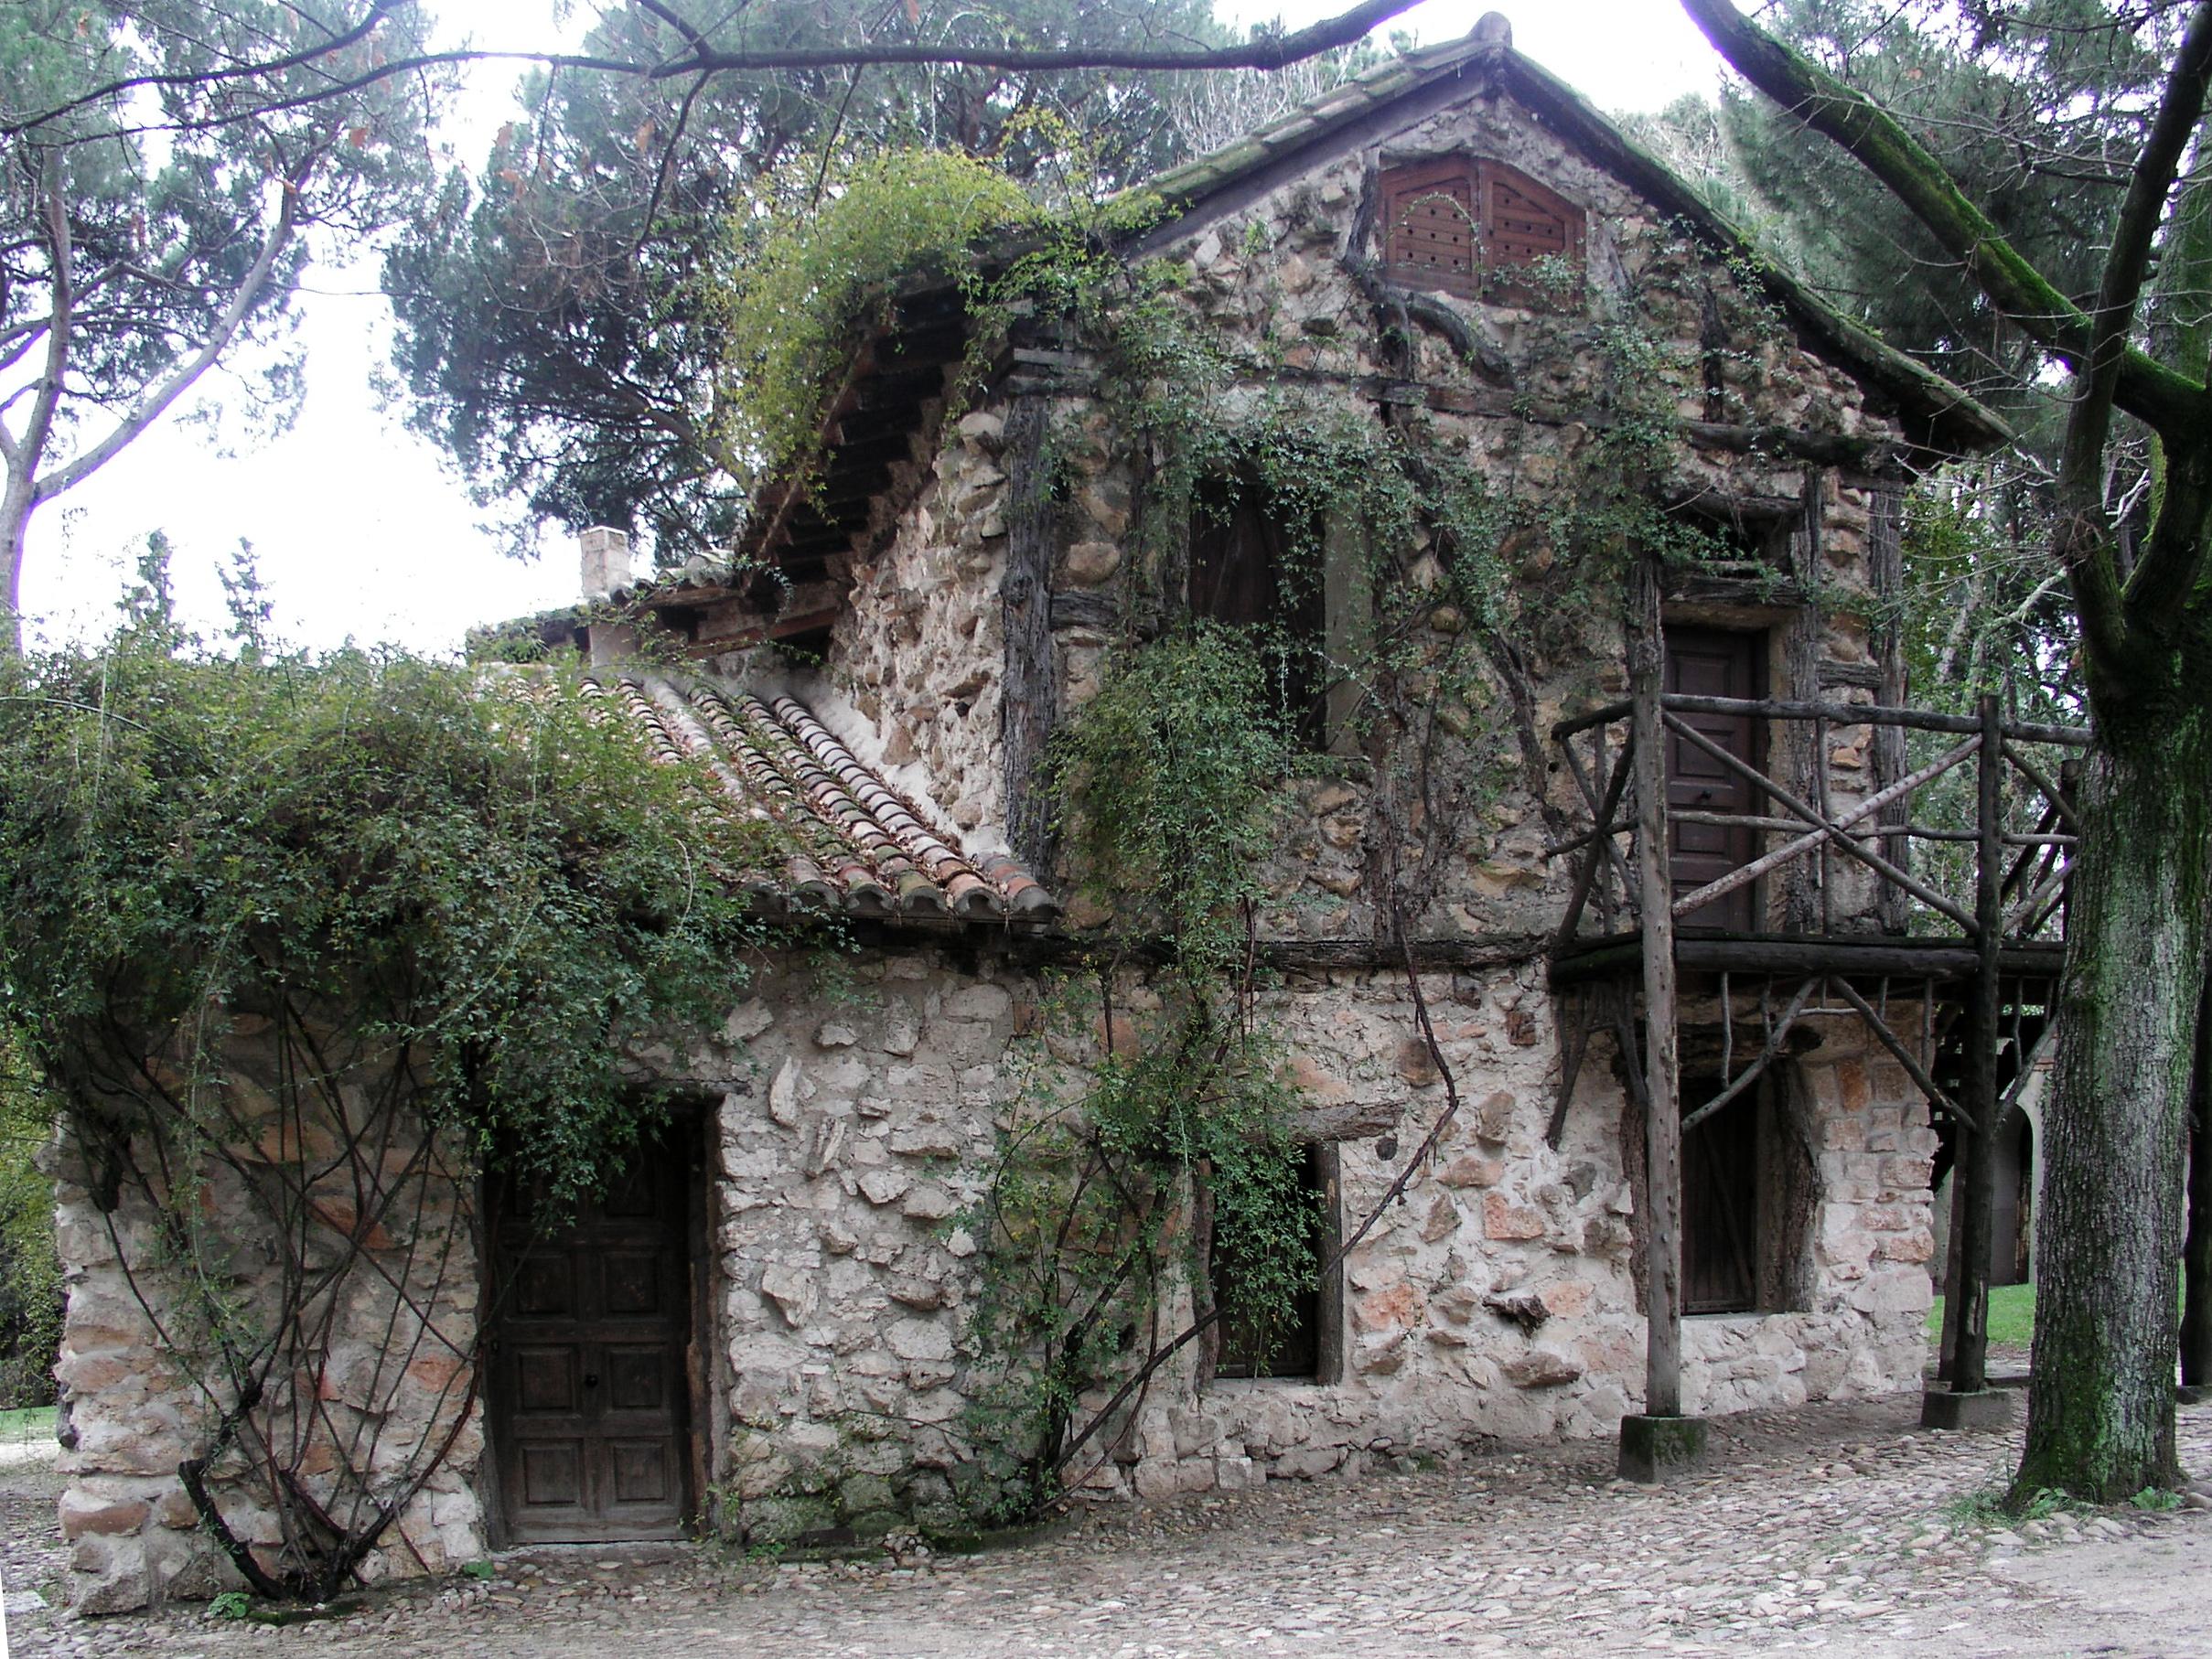 FileJardin El Capricho Casa de la Viejag Wikimedia mons